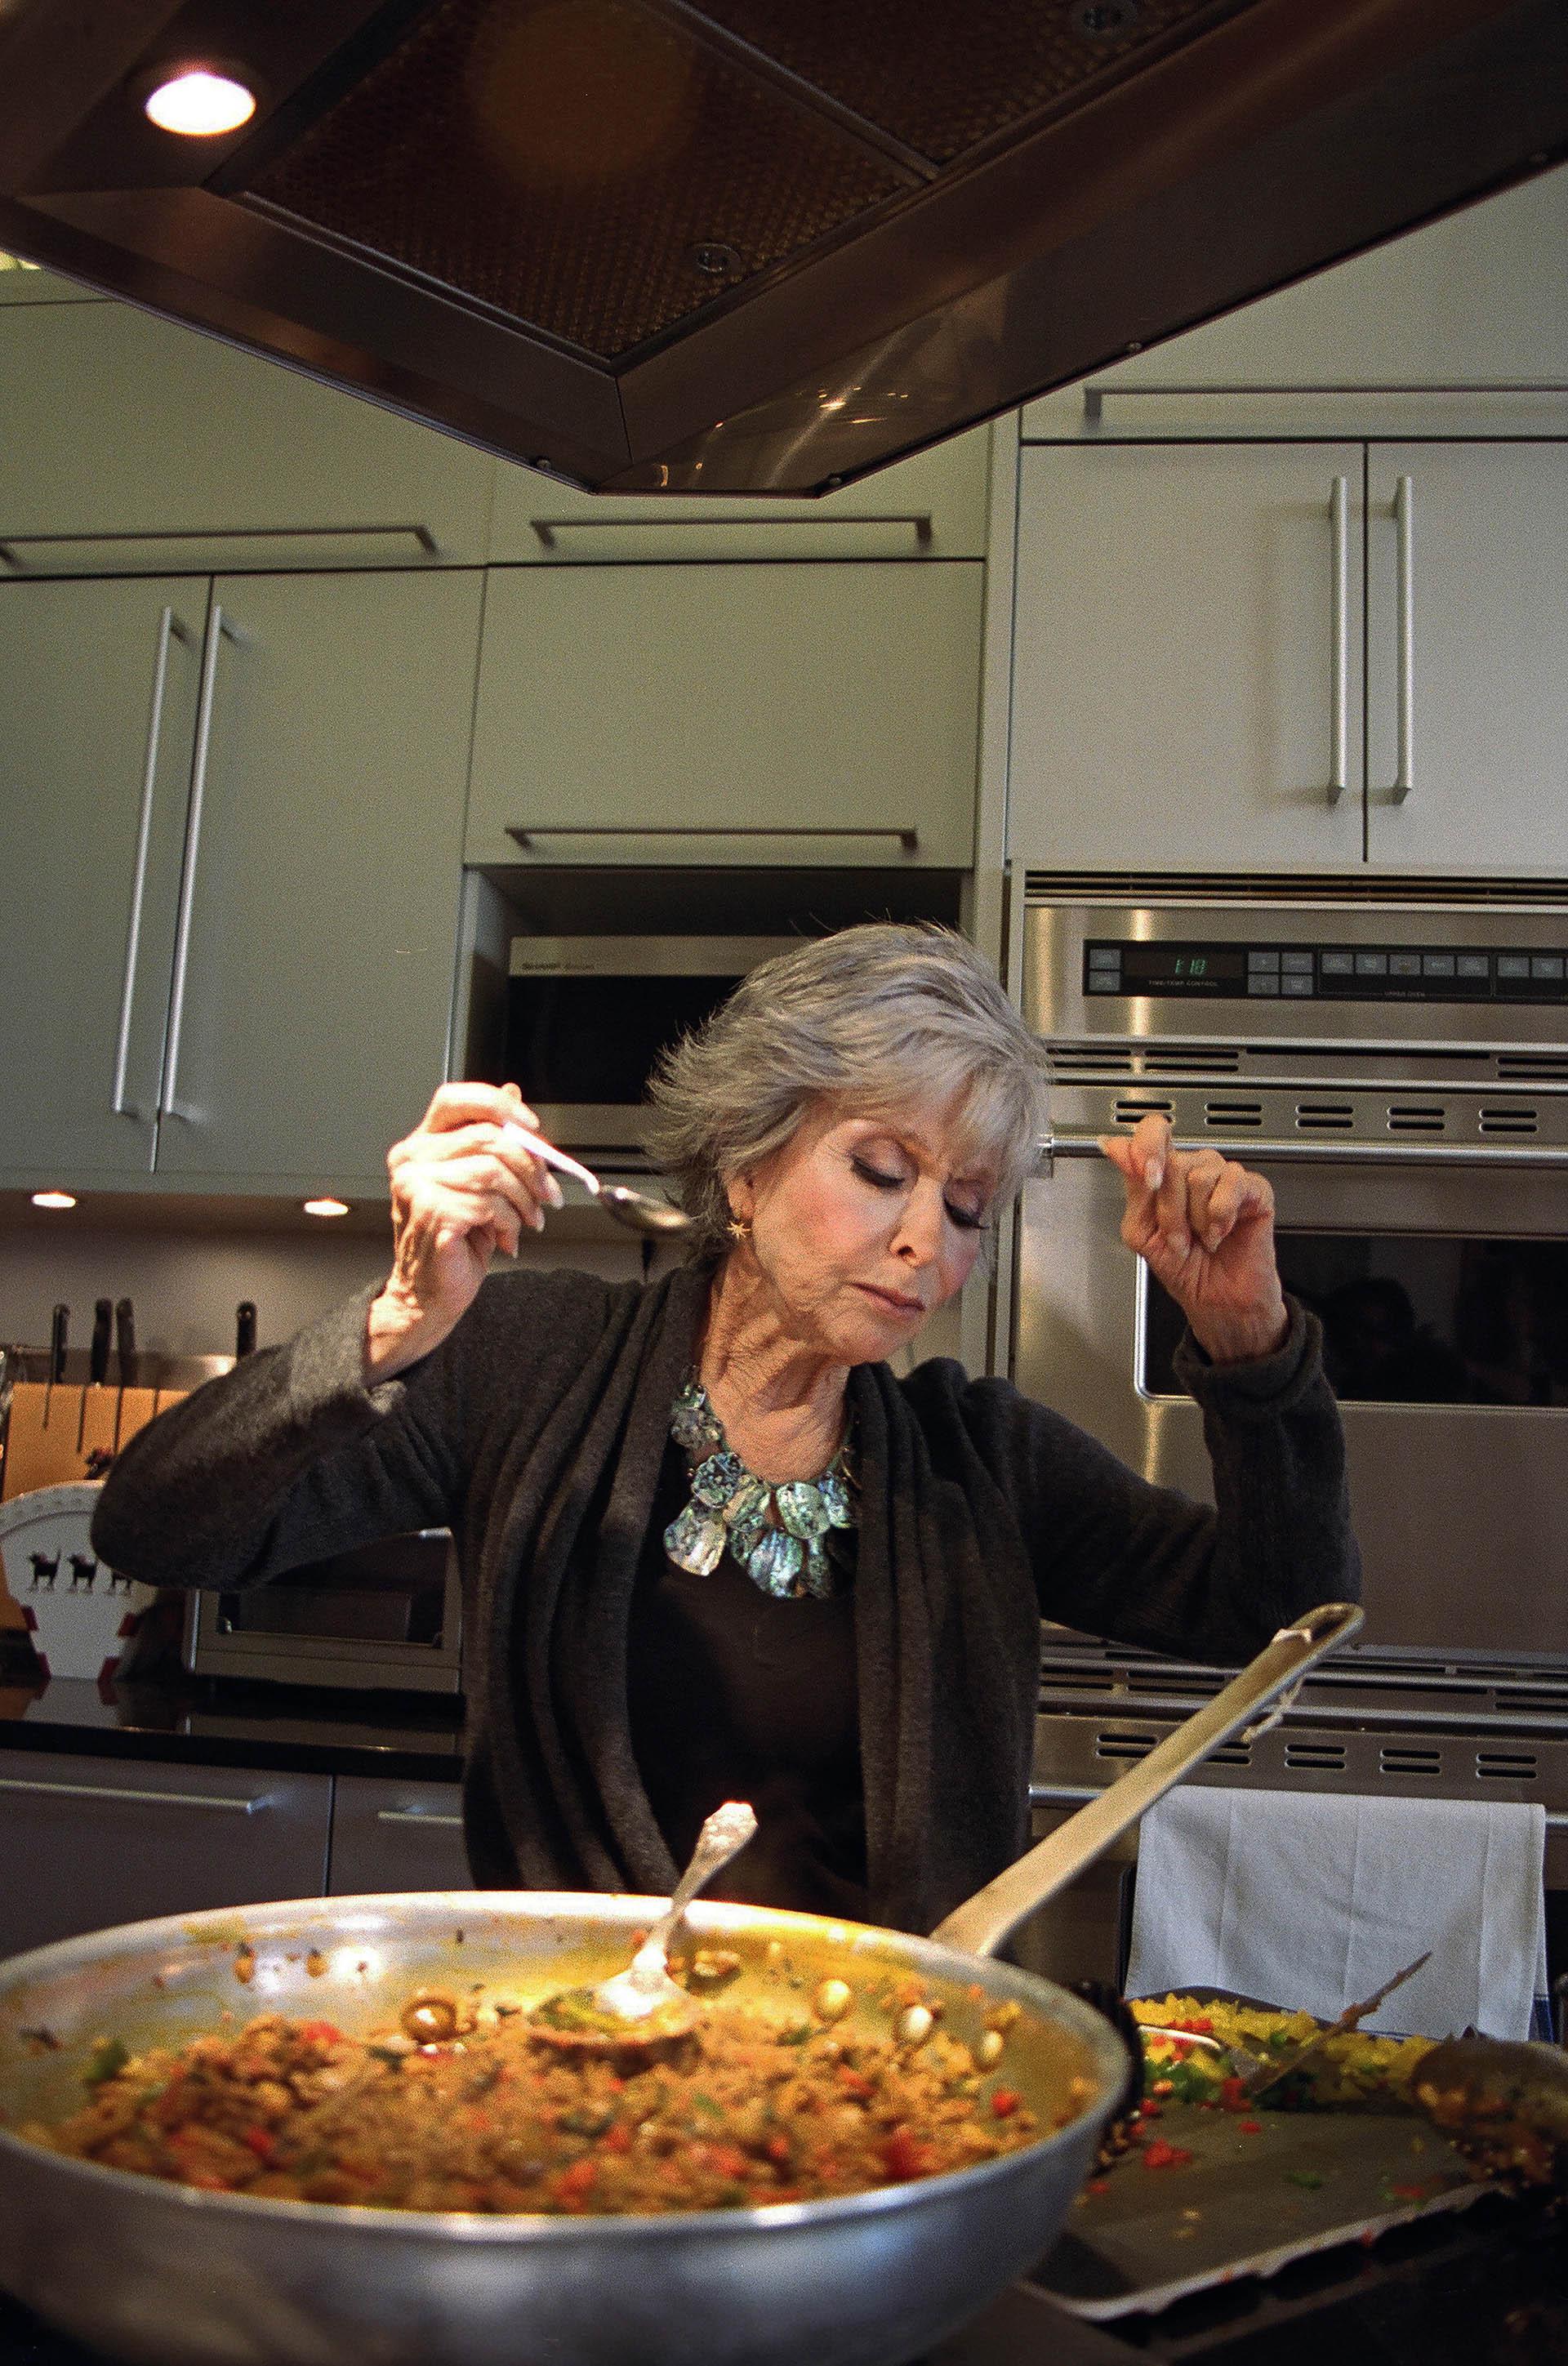 La actriz de 87 años brilla en la producción de Netflix (Sabrina Santiago/The New York Times)